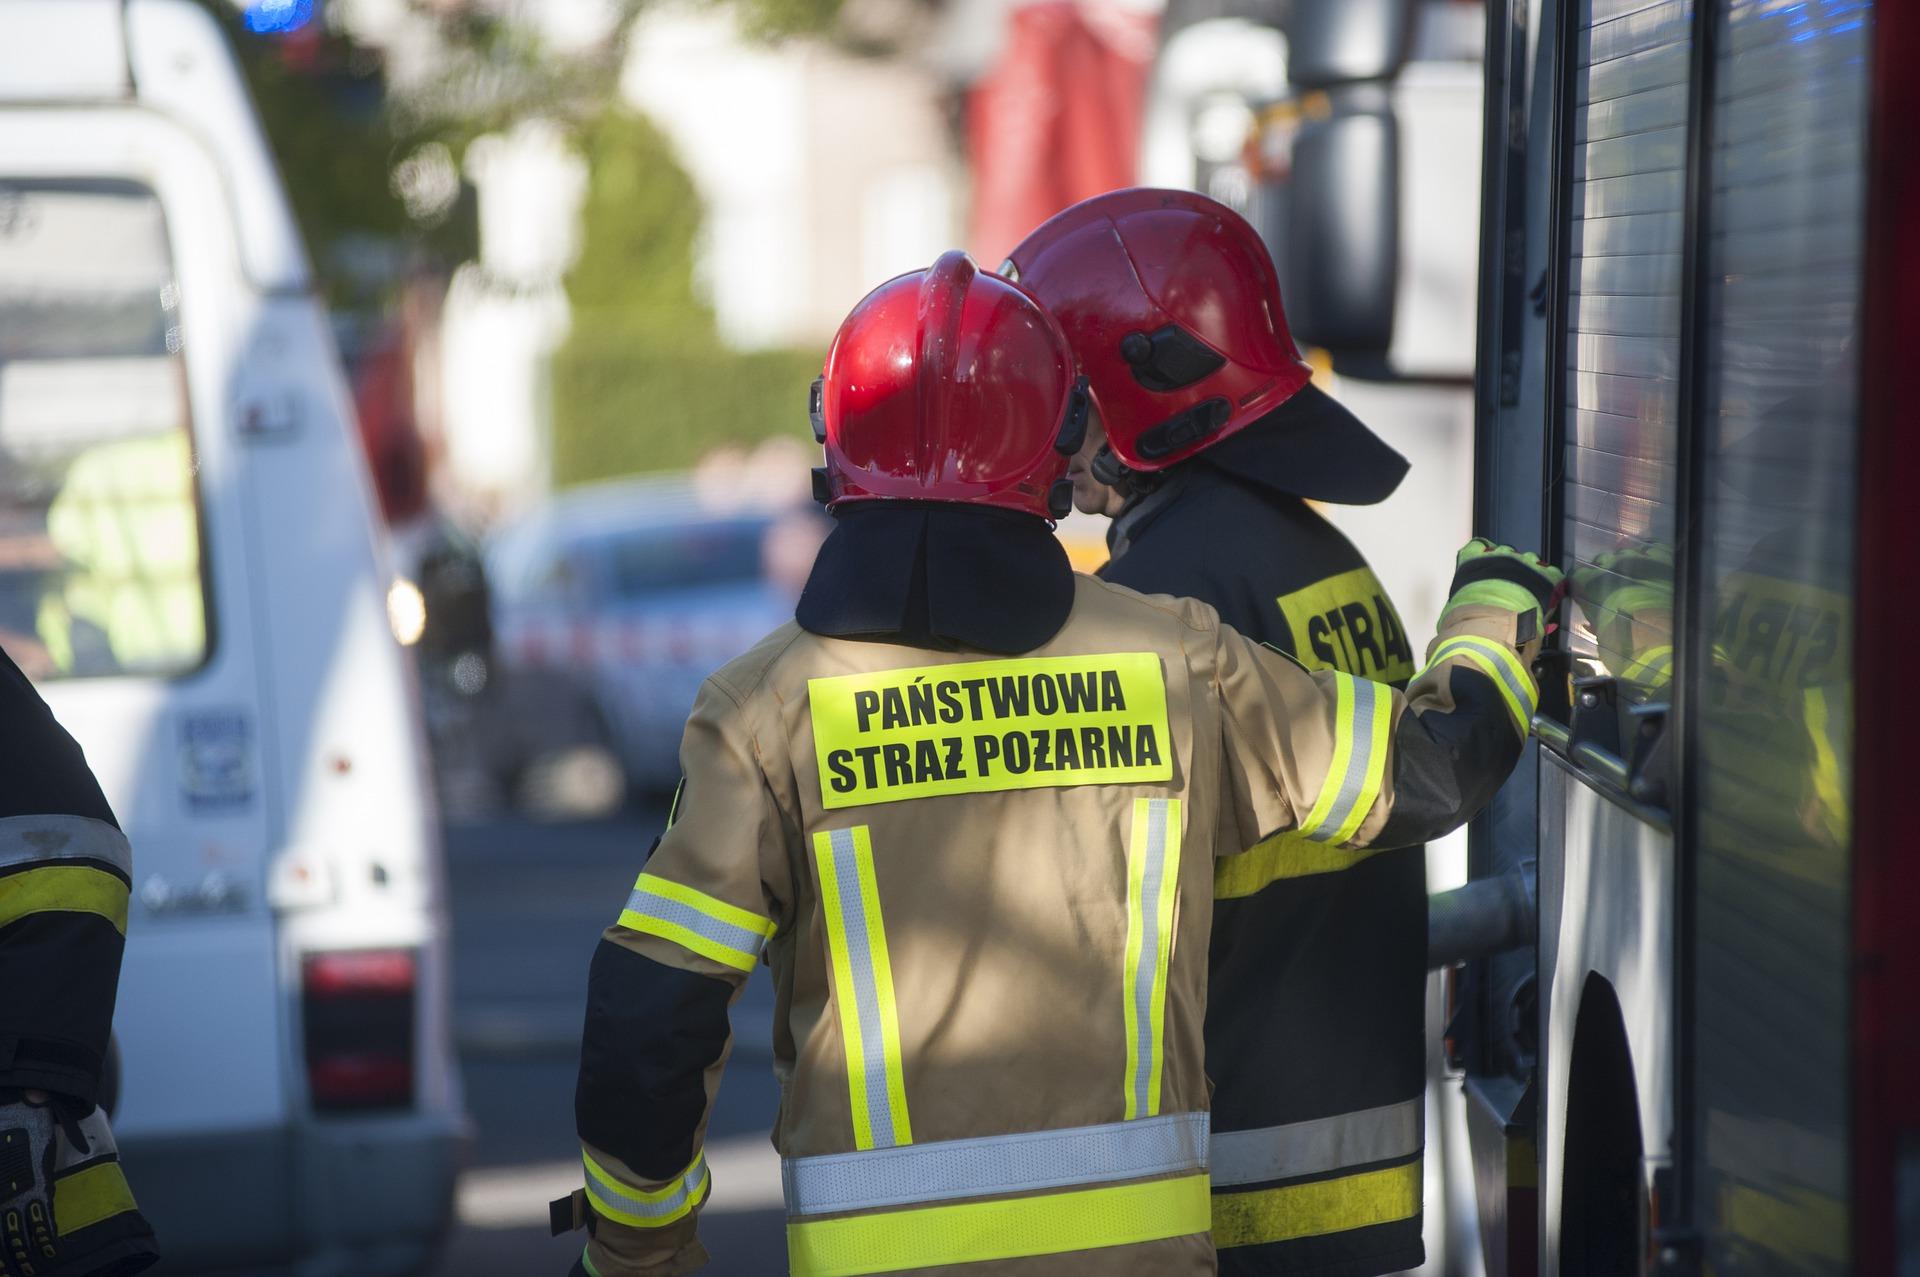 Straż Pożarna ostrzega przed oszustami - Zdjęcie główne